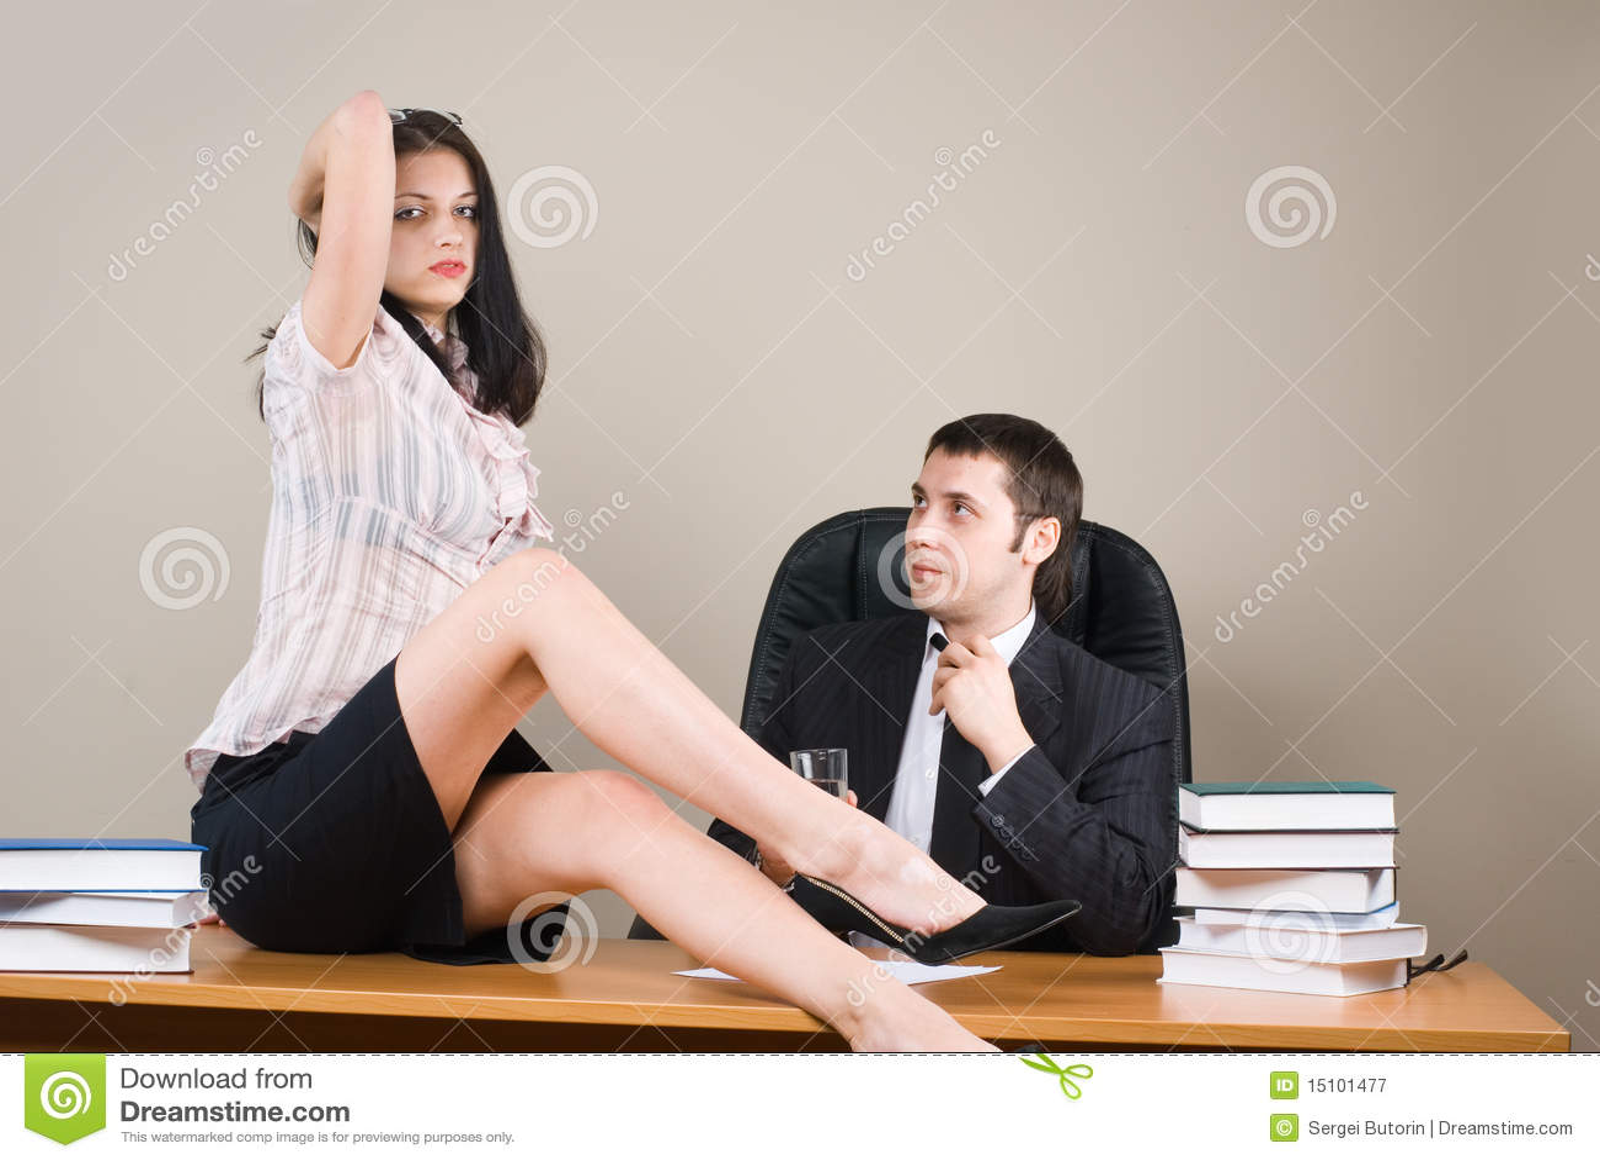 Секретарша с начальникам 1 фотография